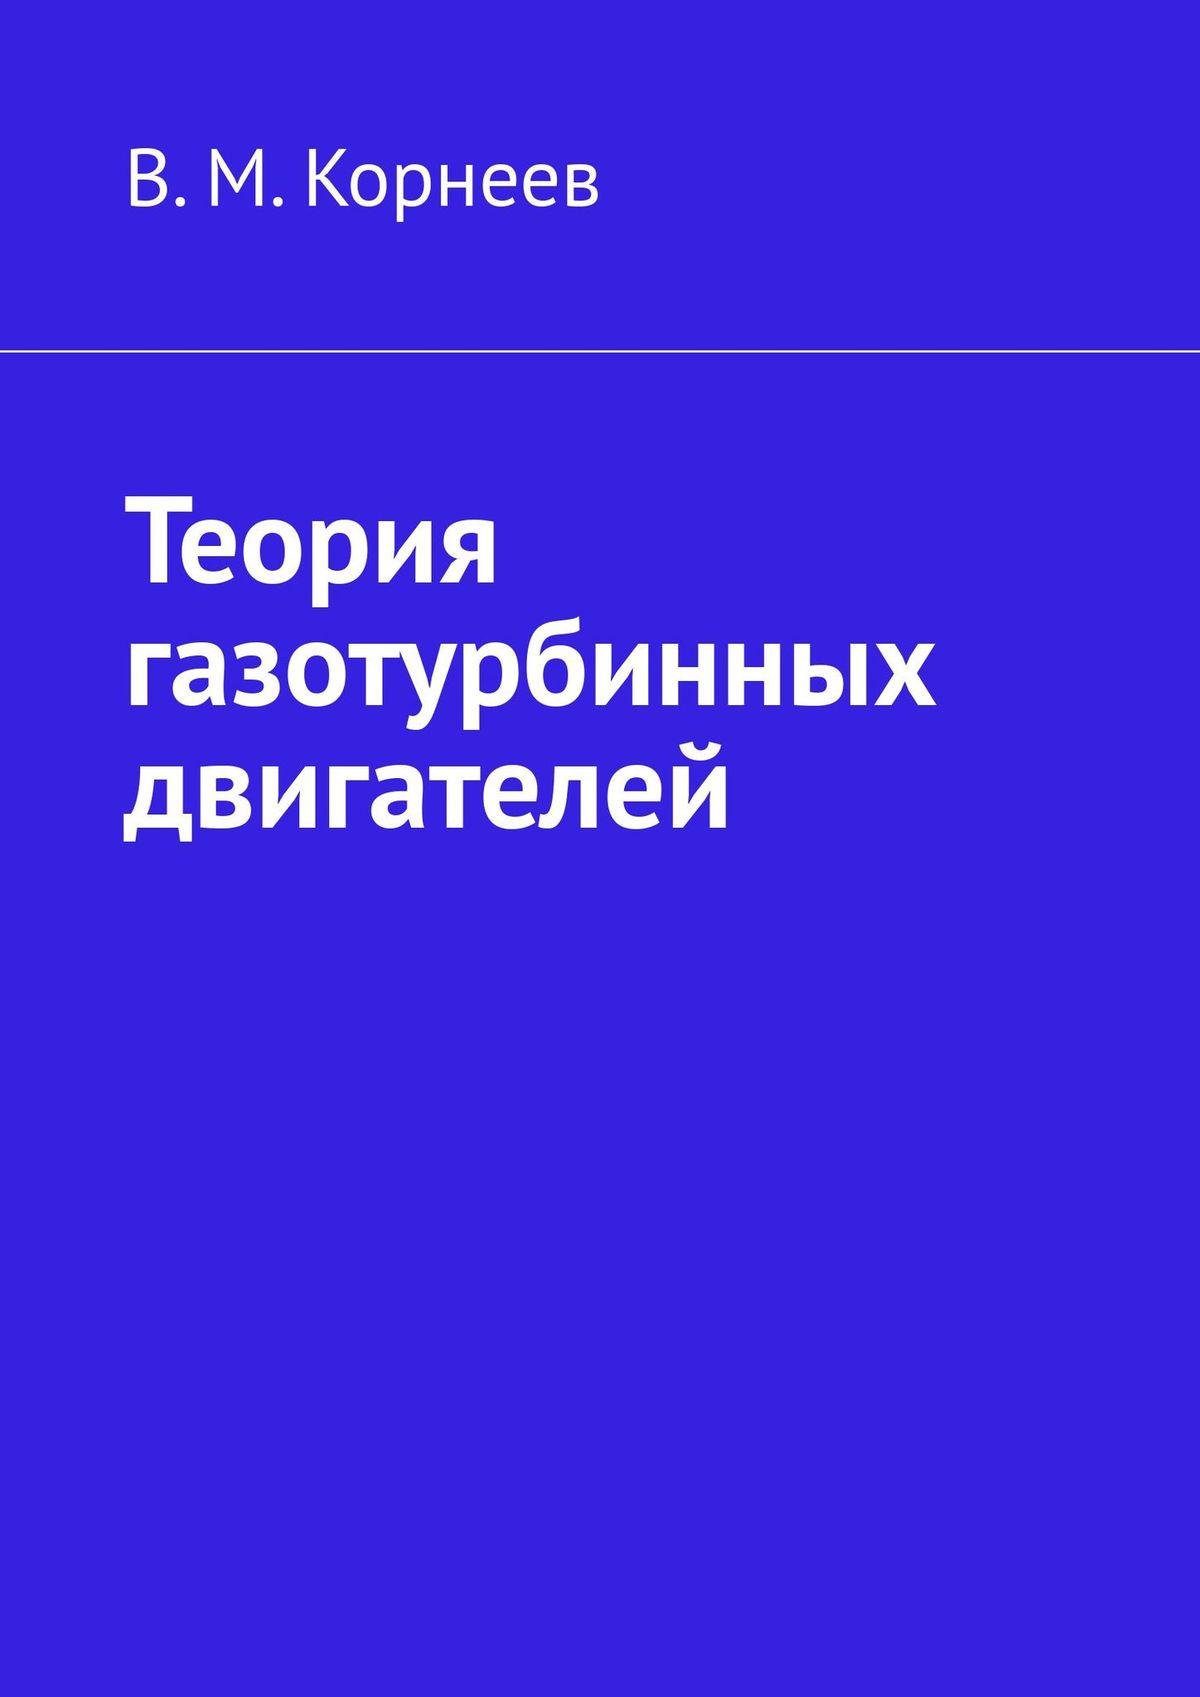 В. М. Корнеев Теория газотурбинных двигателей айгнер м комбинаторная теория